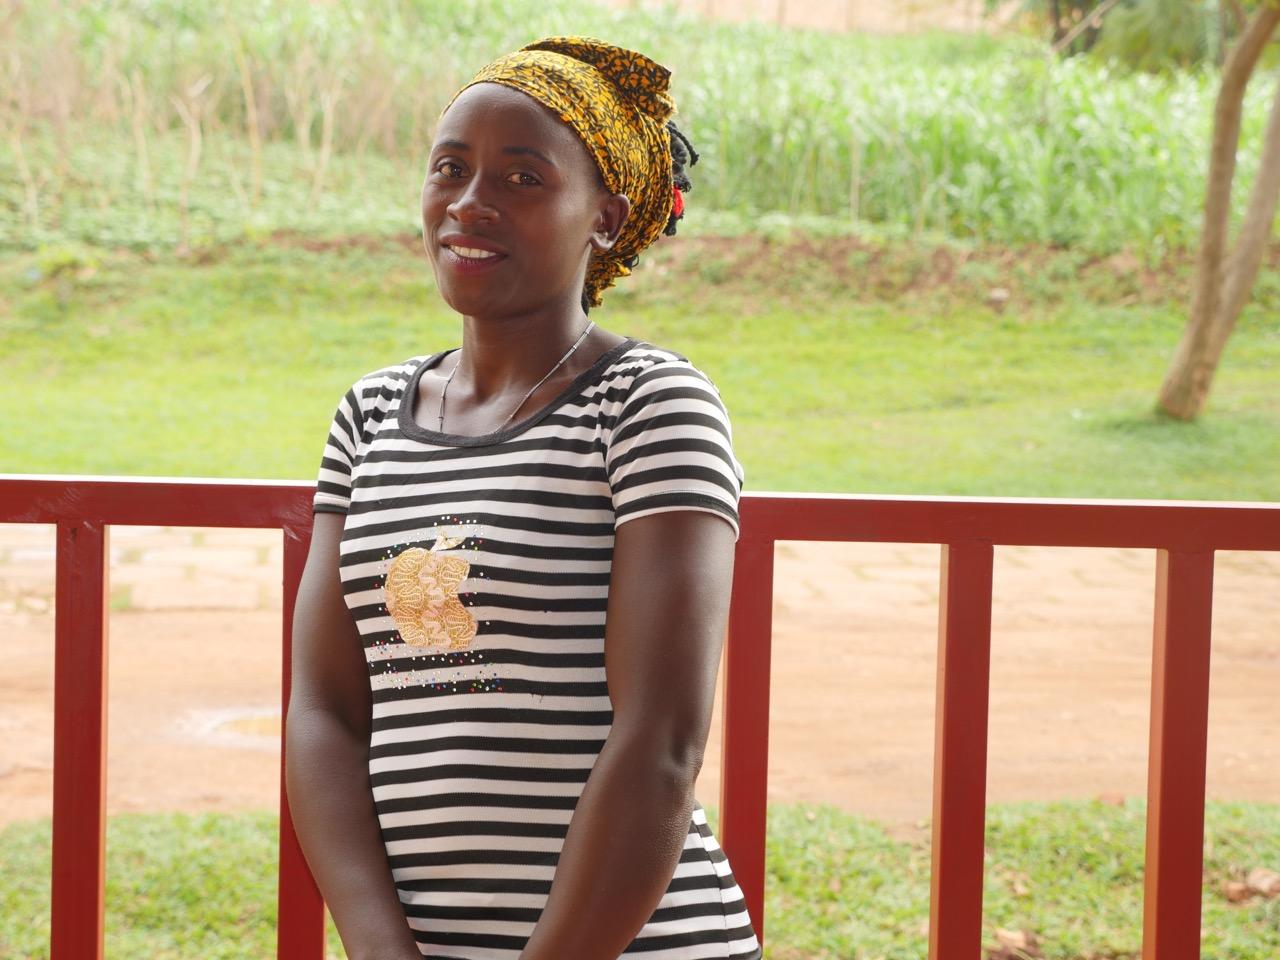 Mukanyandwi Claudine